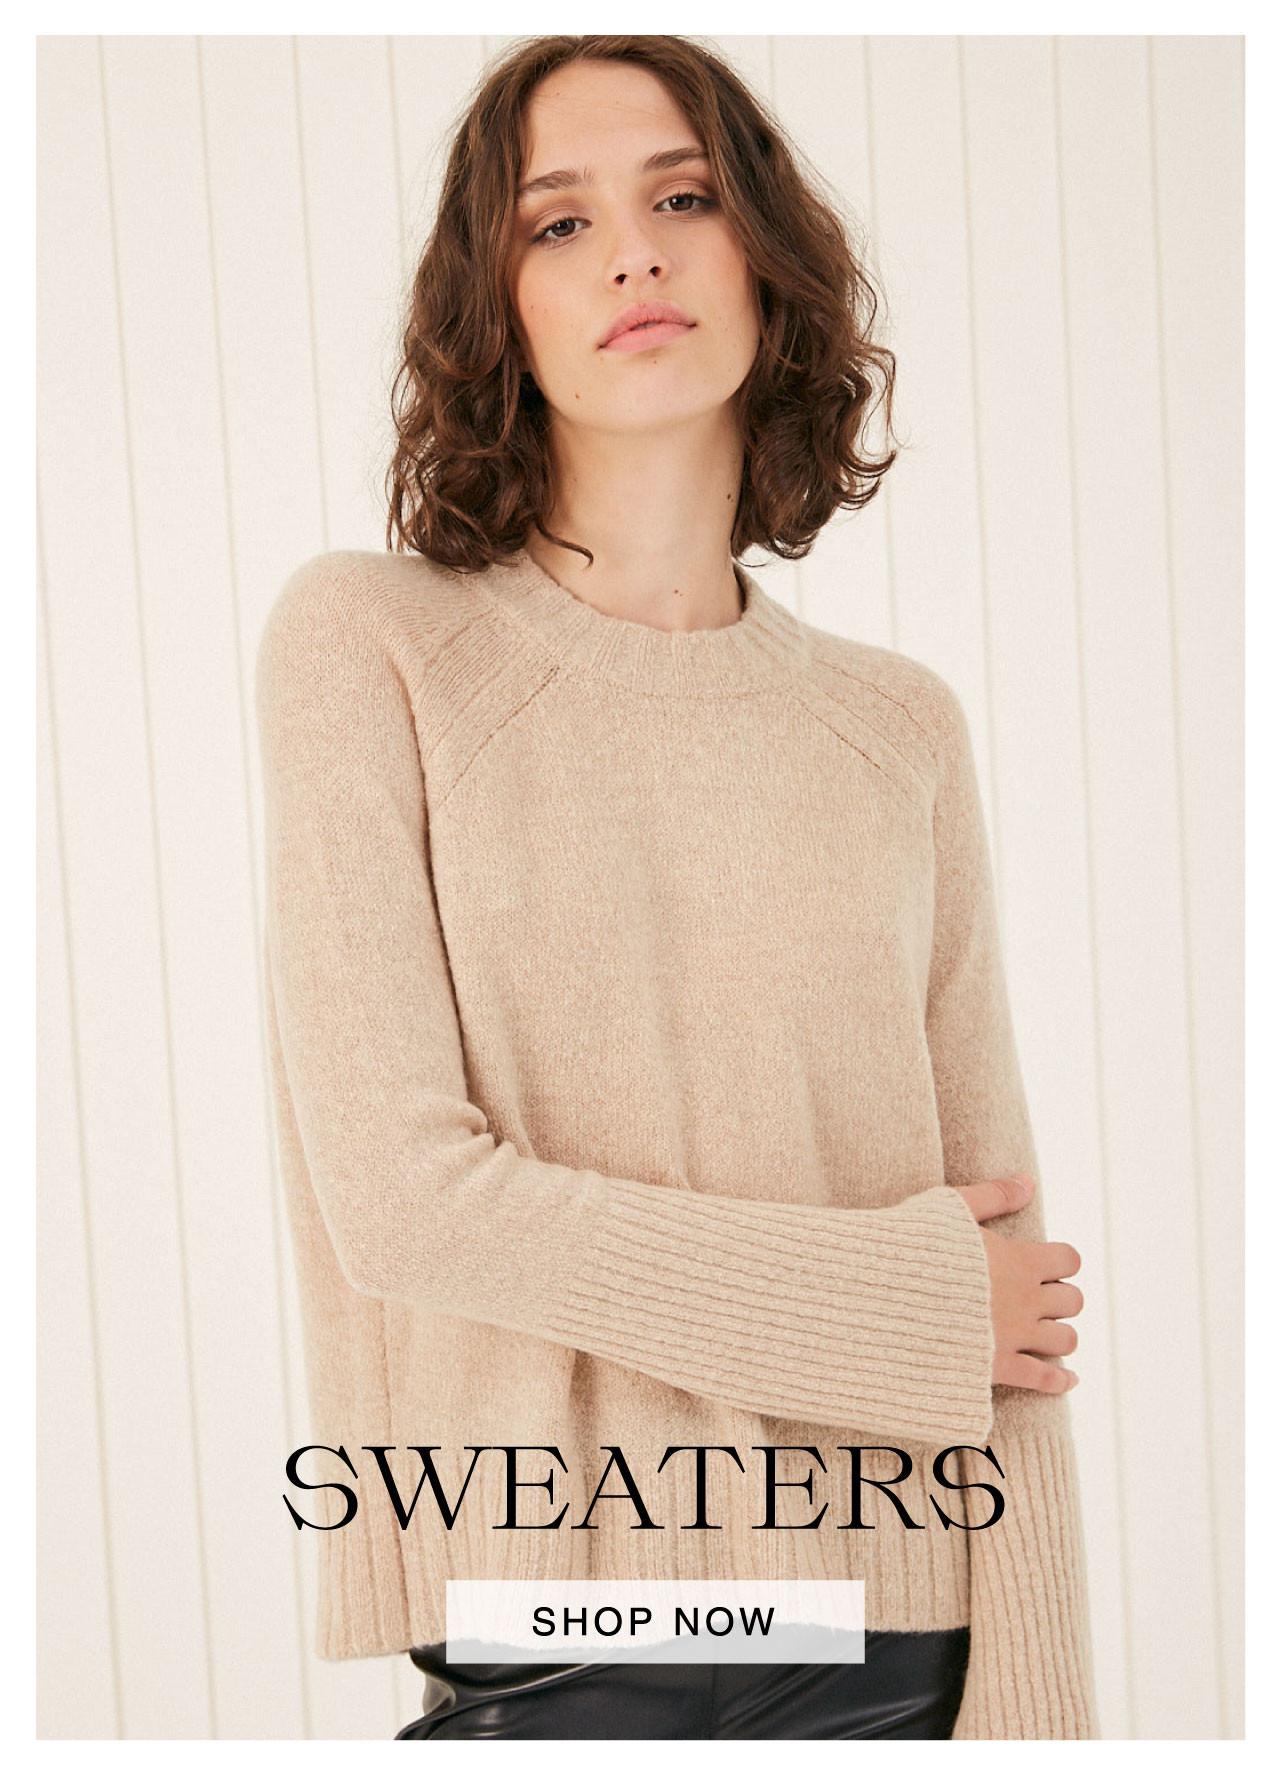 Sweaters - Home Desktop